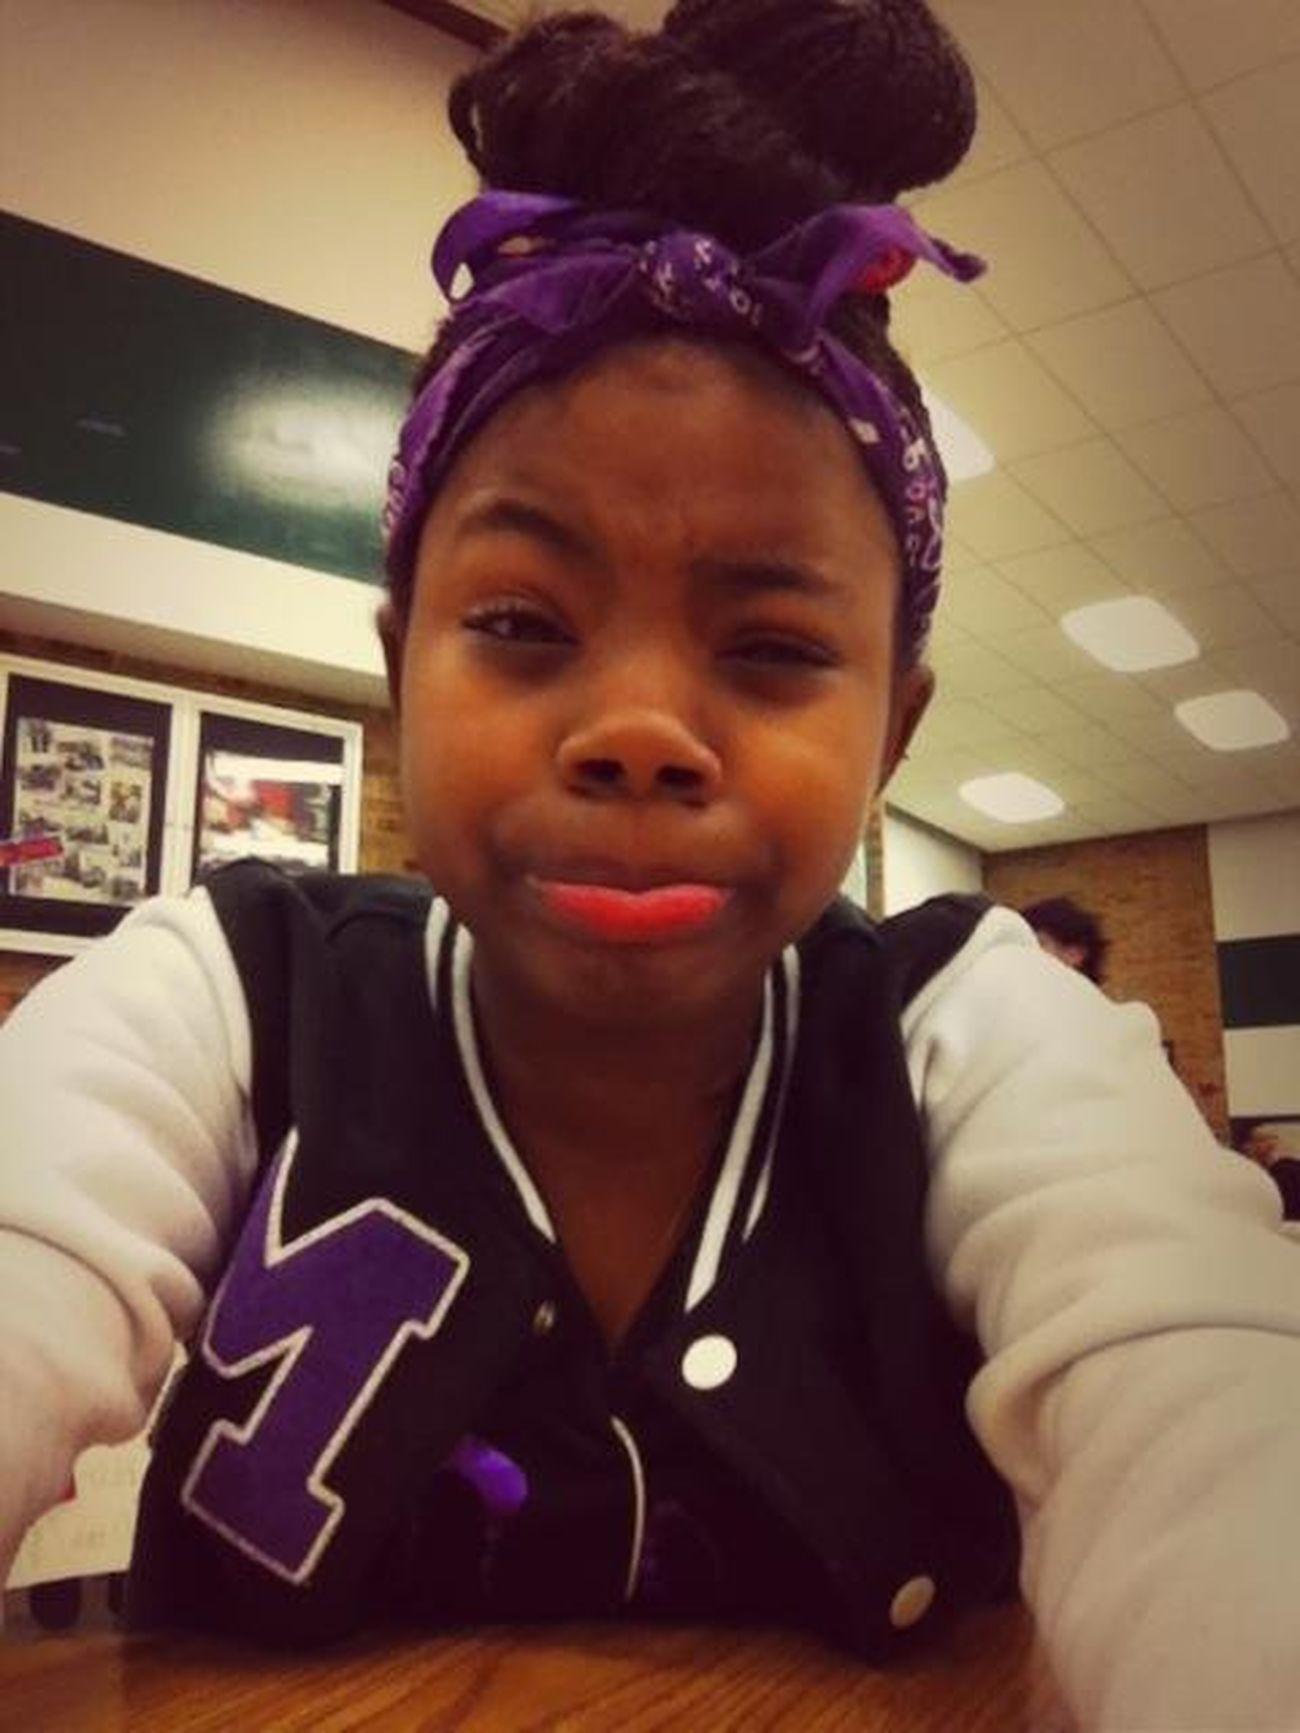 Im Ugly >.<